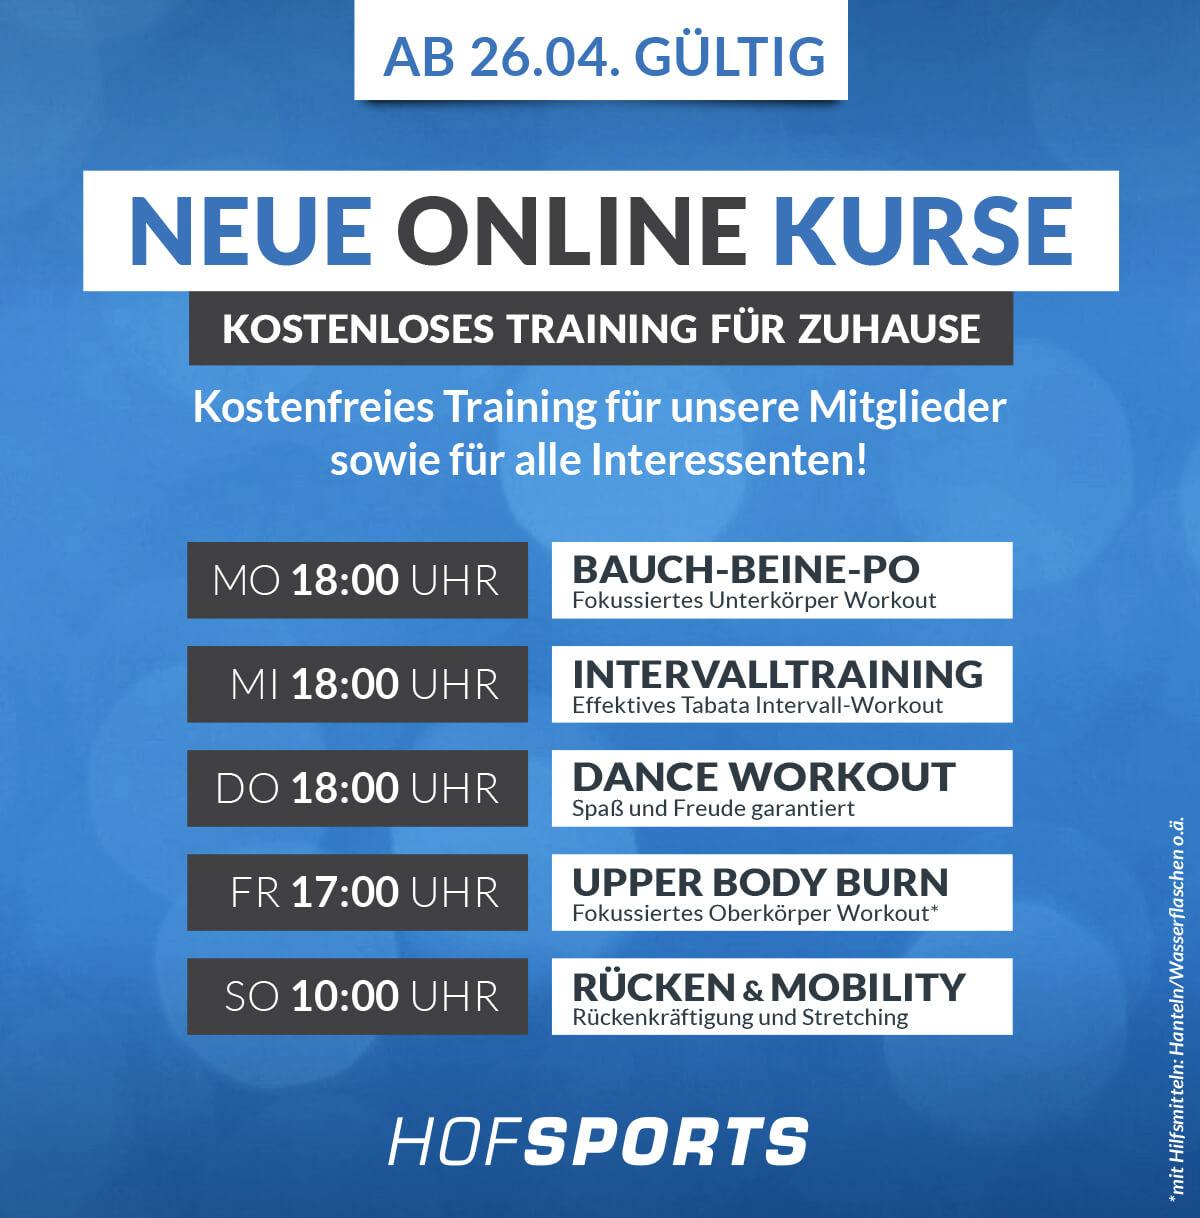 HofSports_Fitnessstudio-Gesundheitsstudio-Zoom NEUE Online Kurse